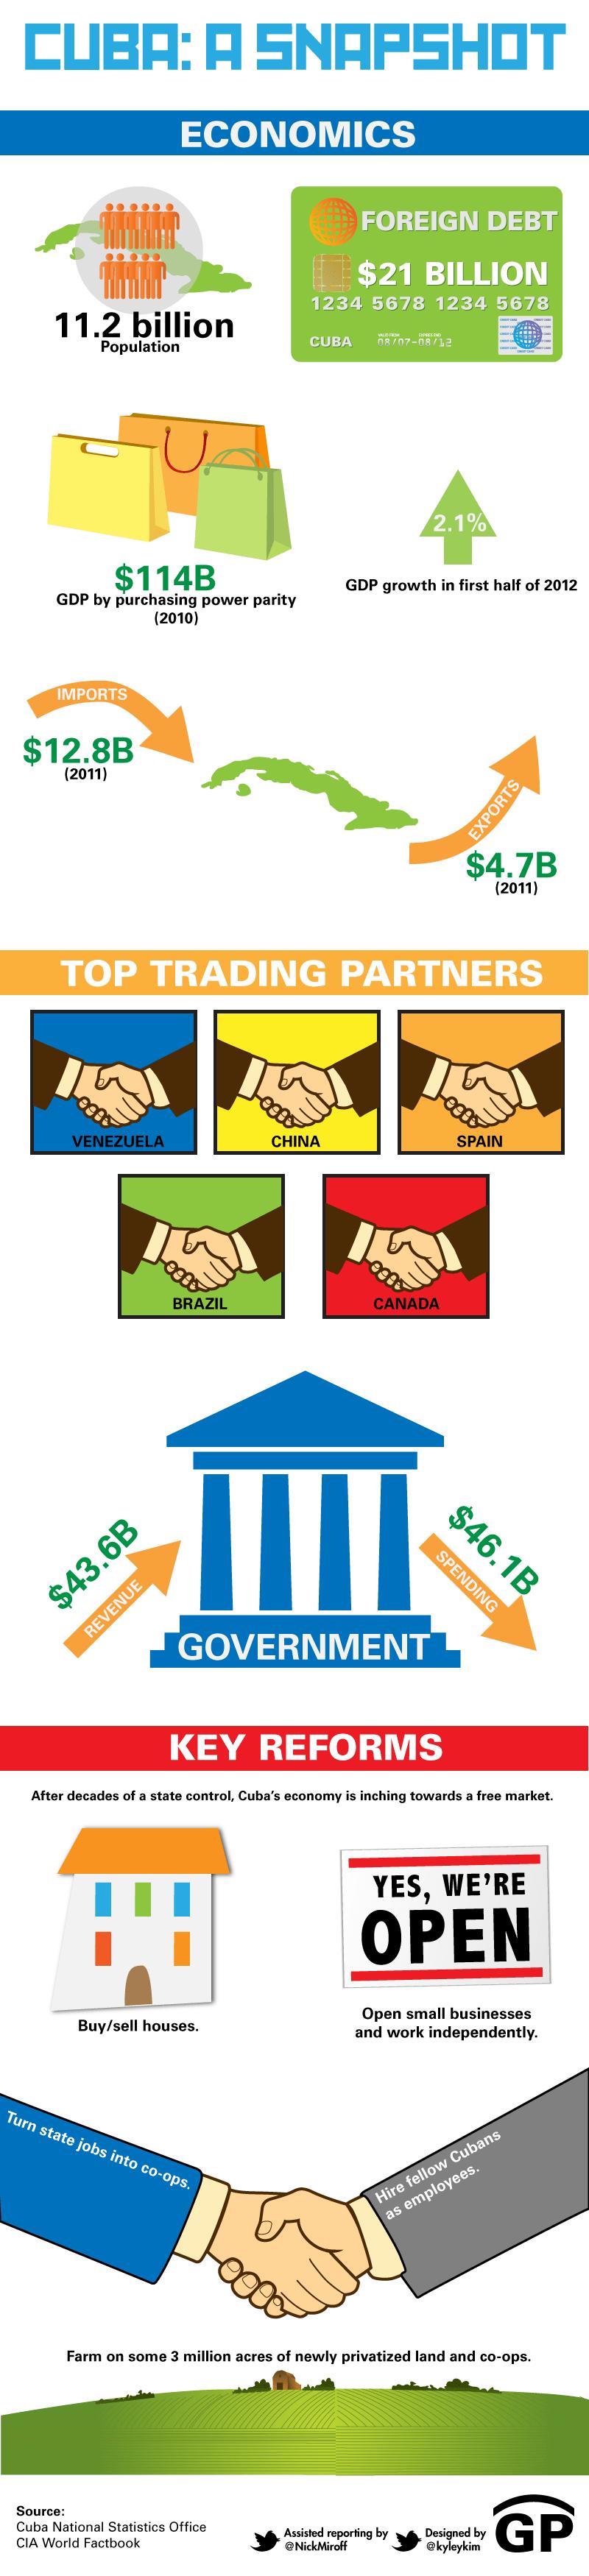 cubas-economic-reforms_5040e2cc66a7a